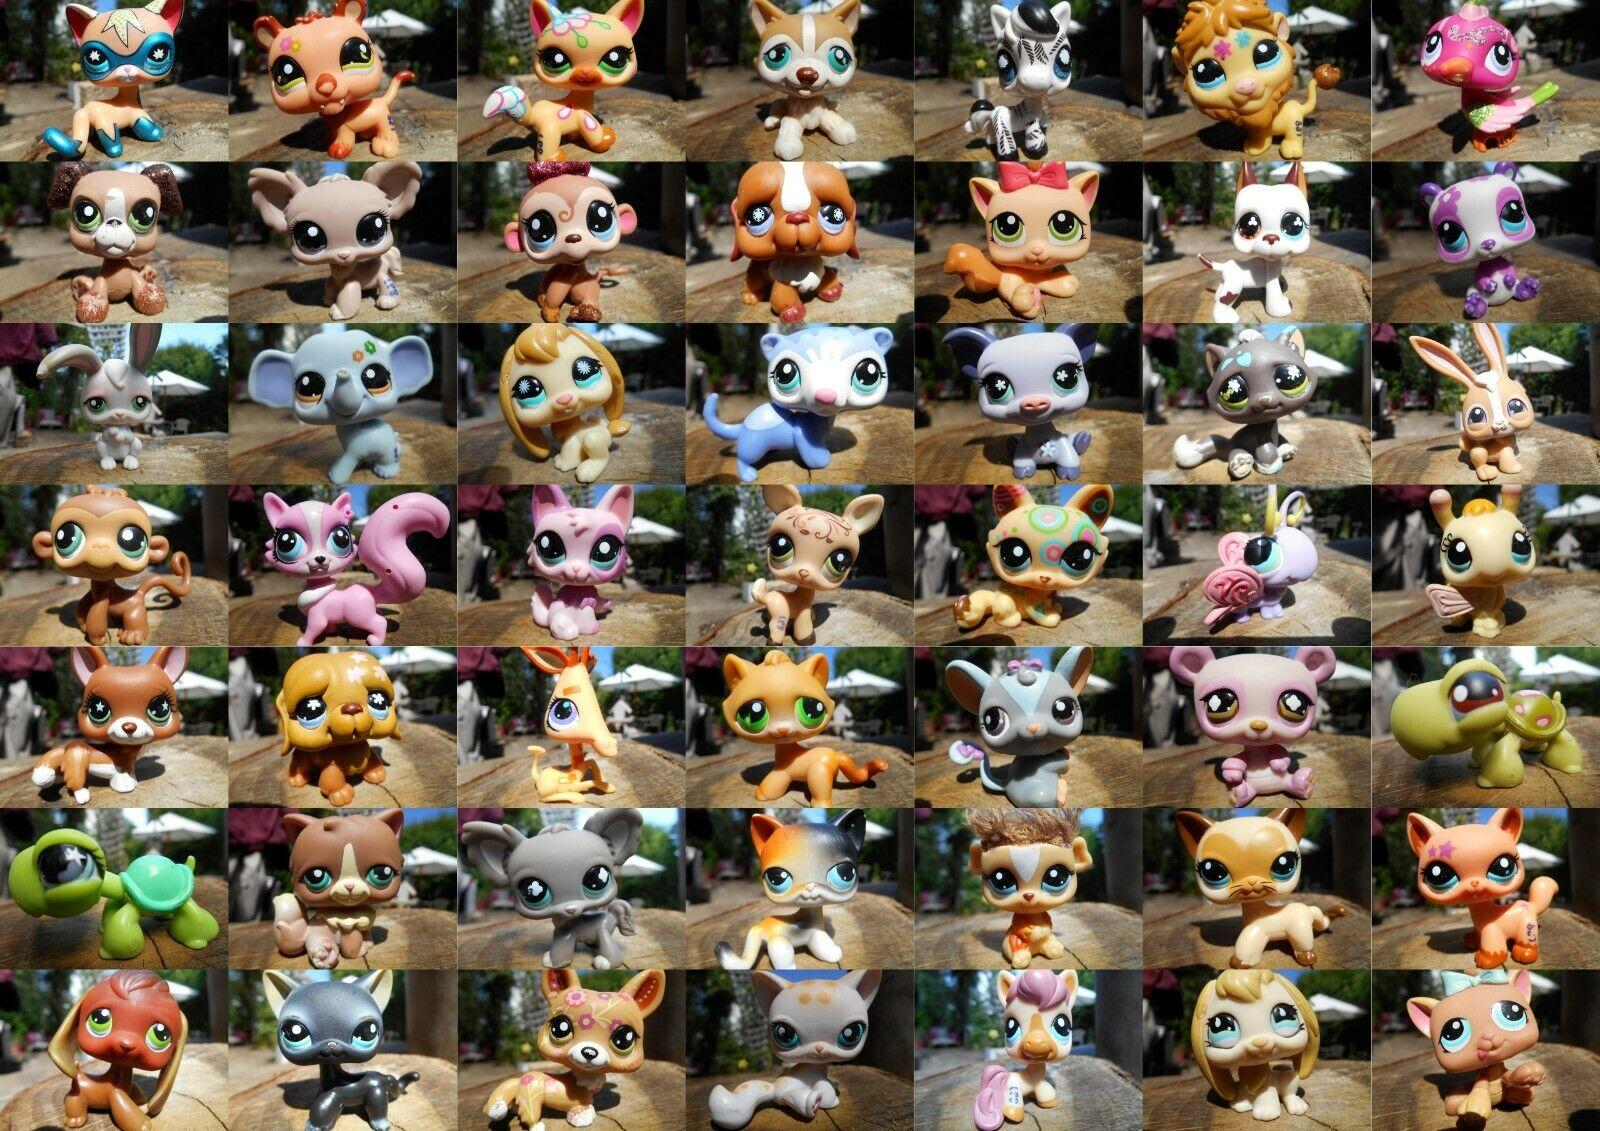 Lps littlest petshop pet shop chien chat européen colley teckel cat dog rare